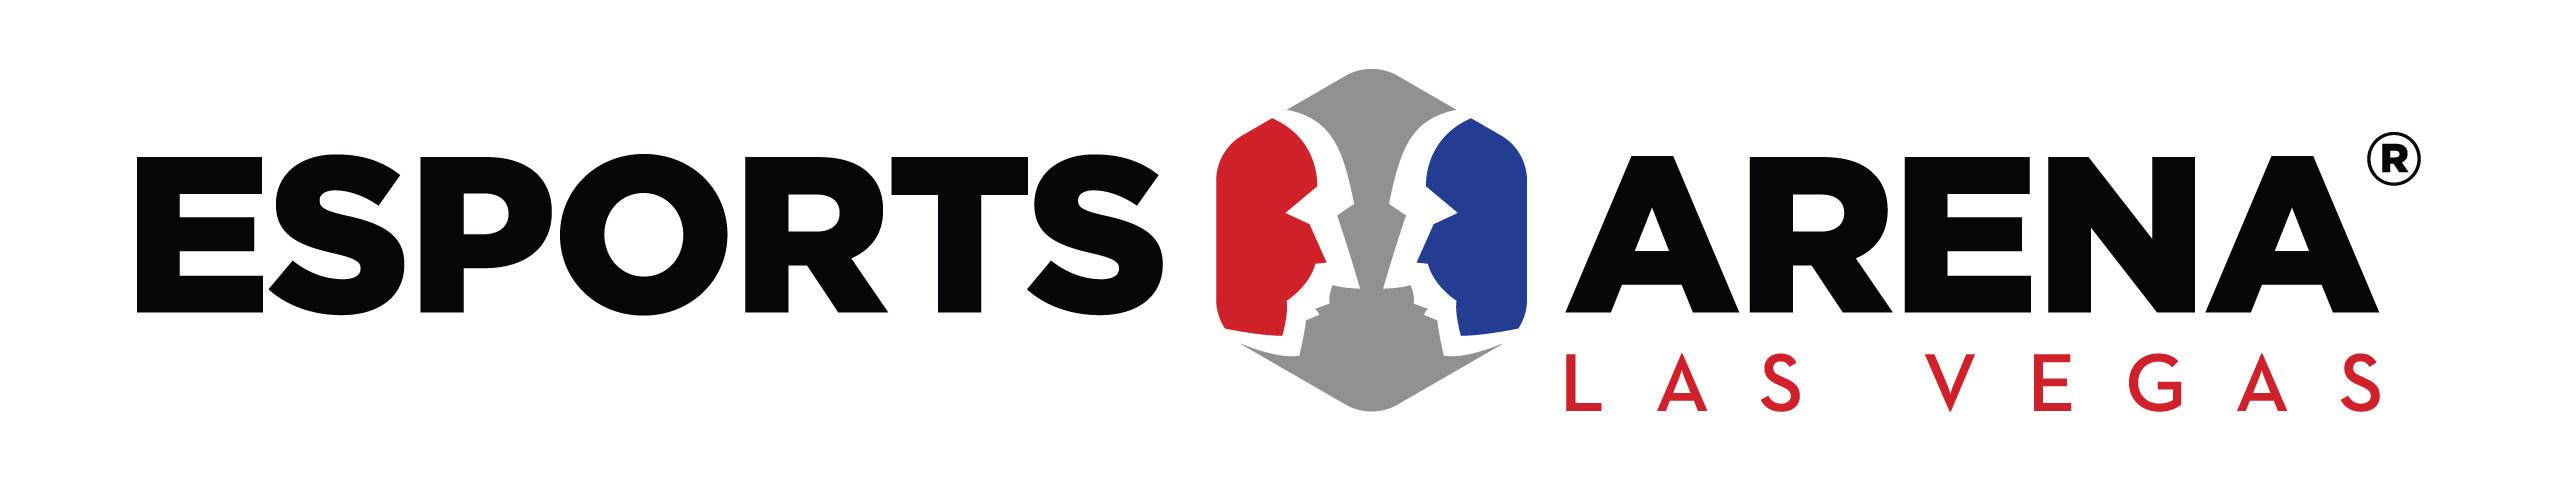 Esports Arena Las Vegas logo (PRNewsfoto/Allied Esports)